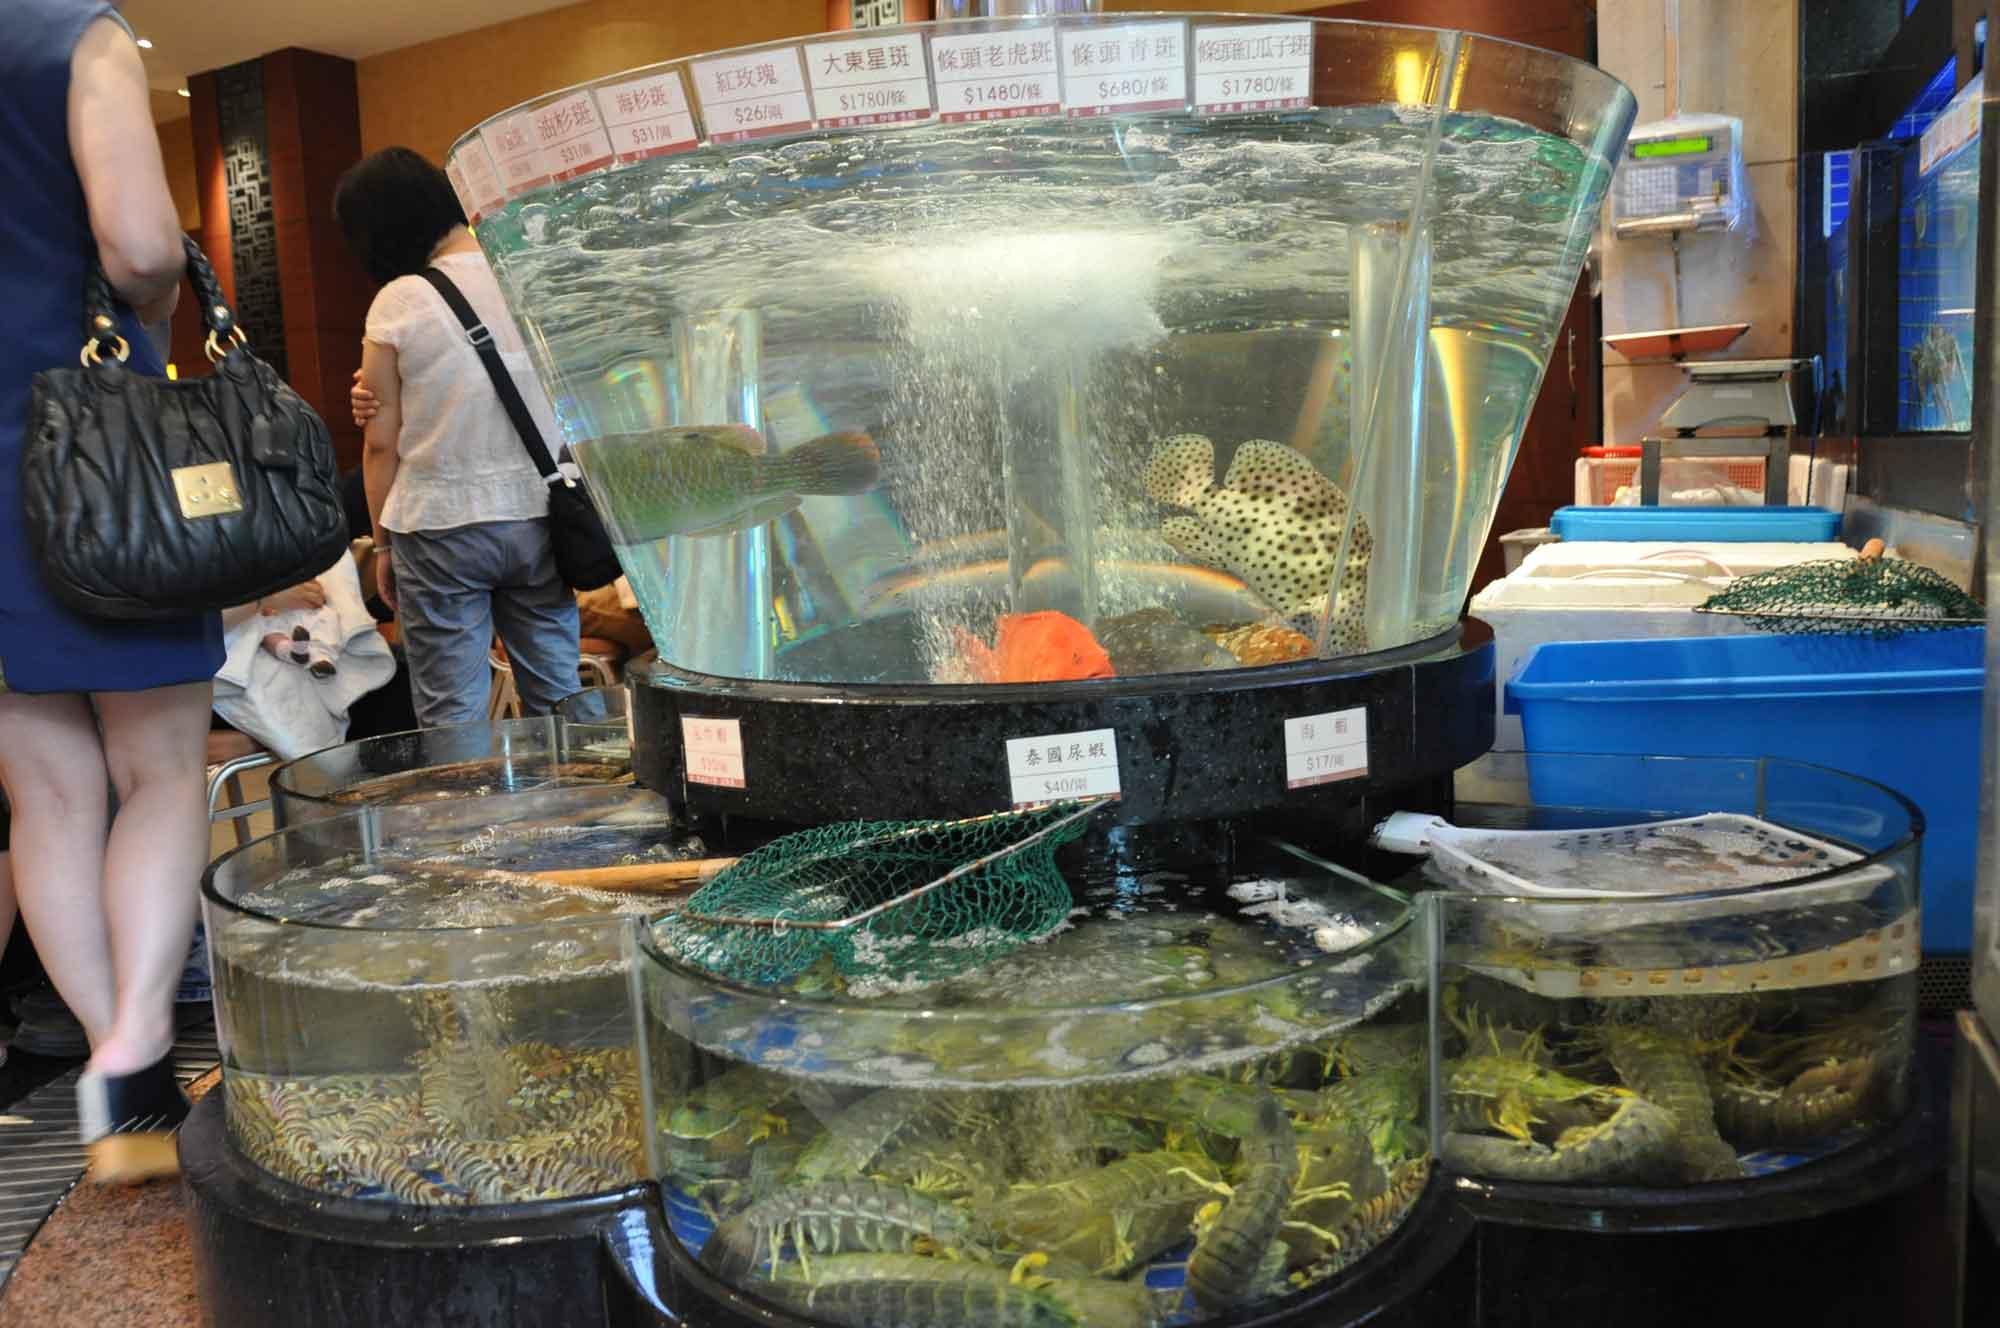 Tou Tou Koi Macau fish tank